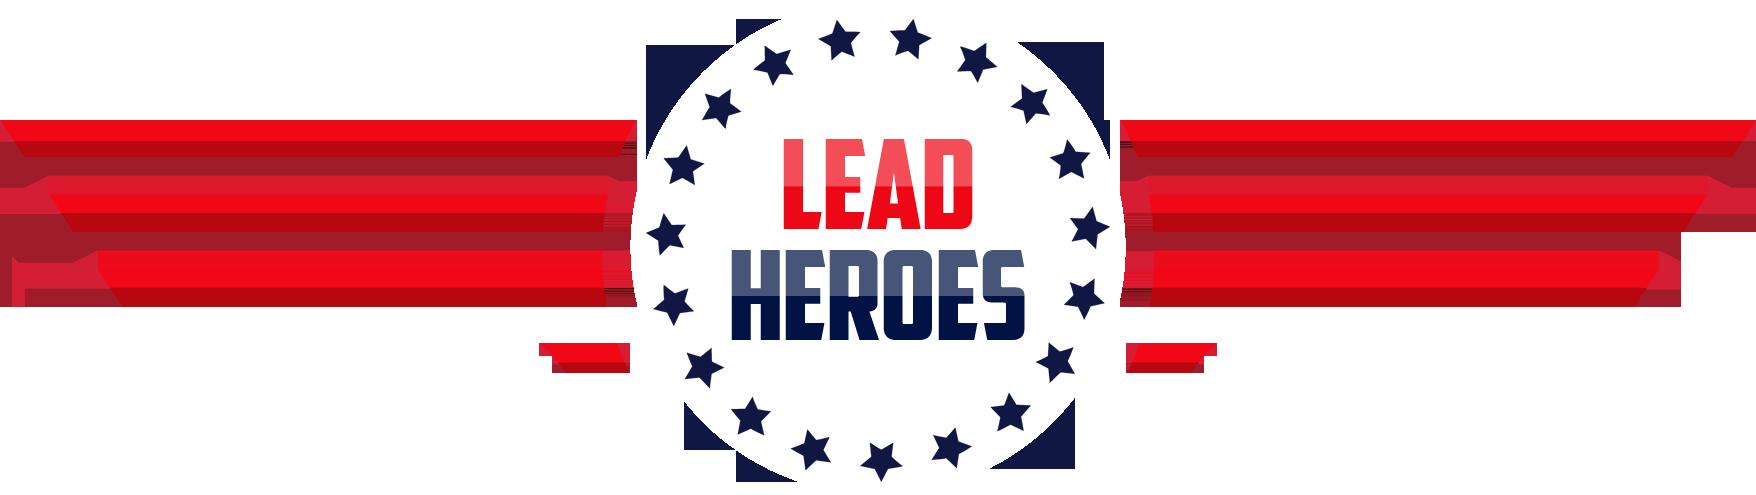 LeadHeroes.png